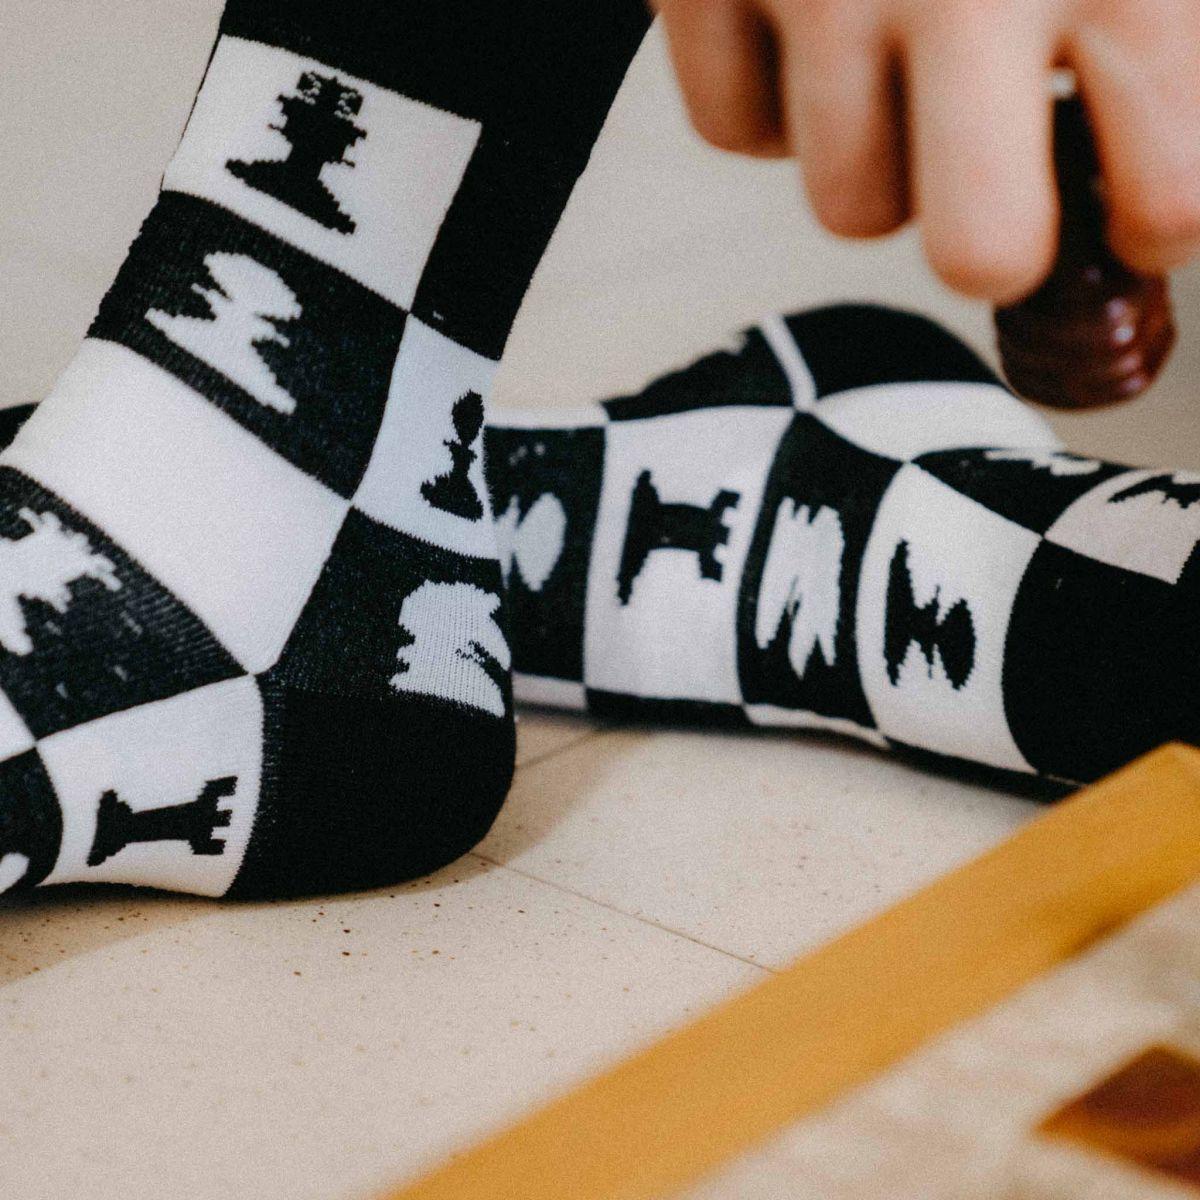 Ponožky - Šach p2